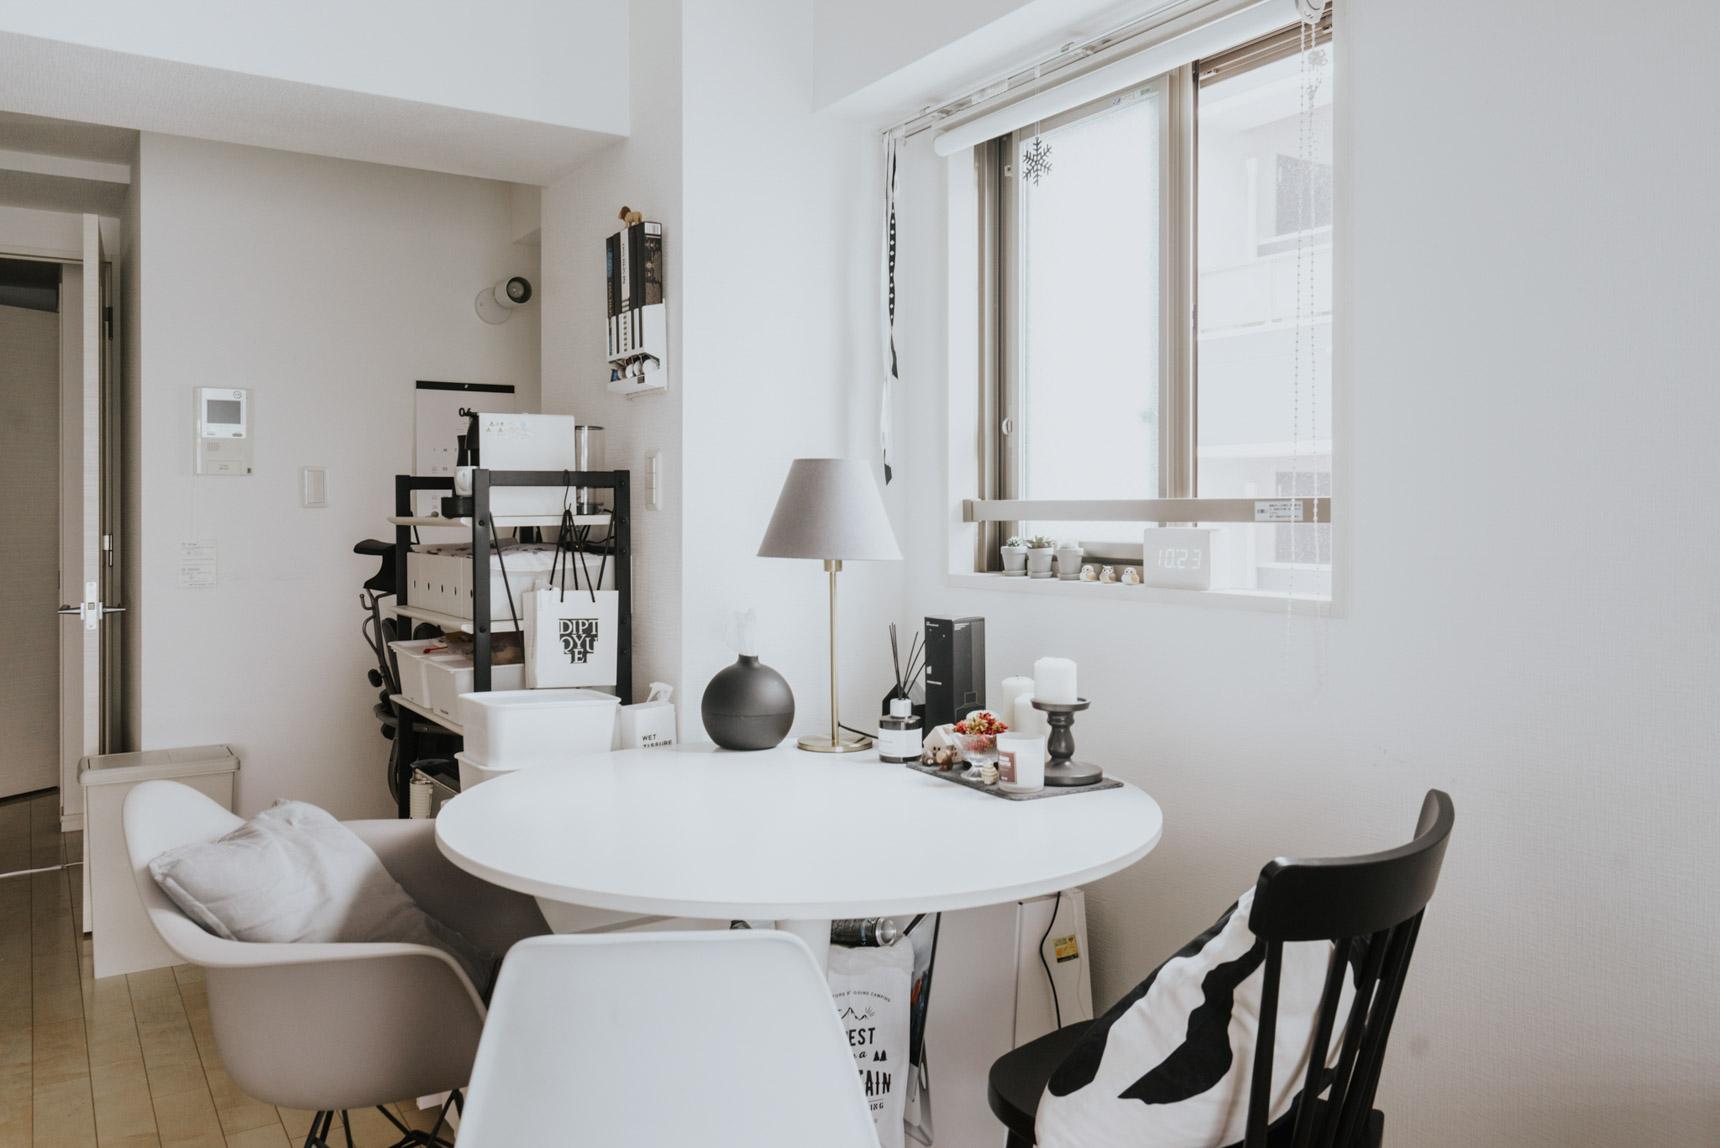 ダイニングテーブルは丸い形のものを選んでいるのも、空間を広く見せるポイントです。